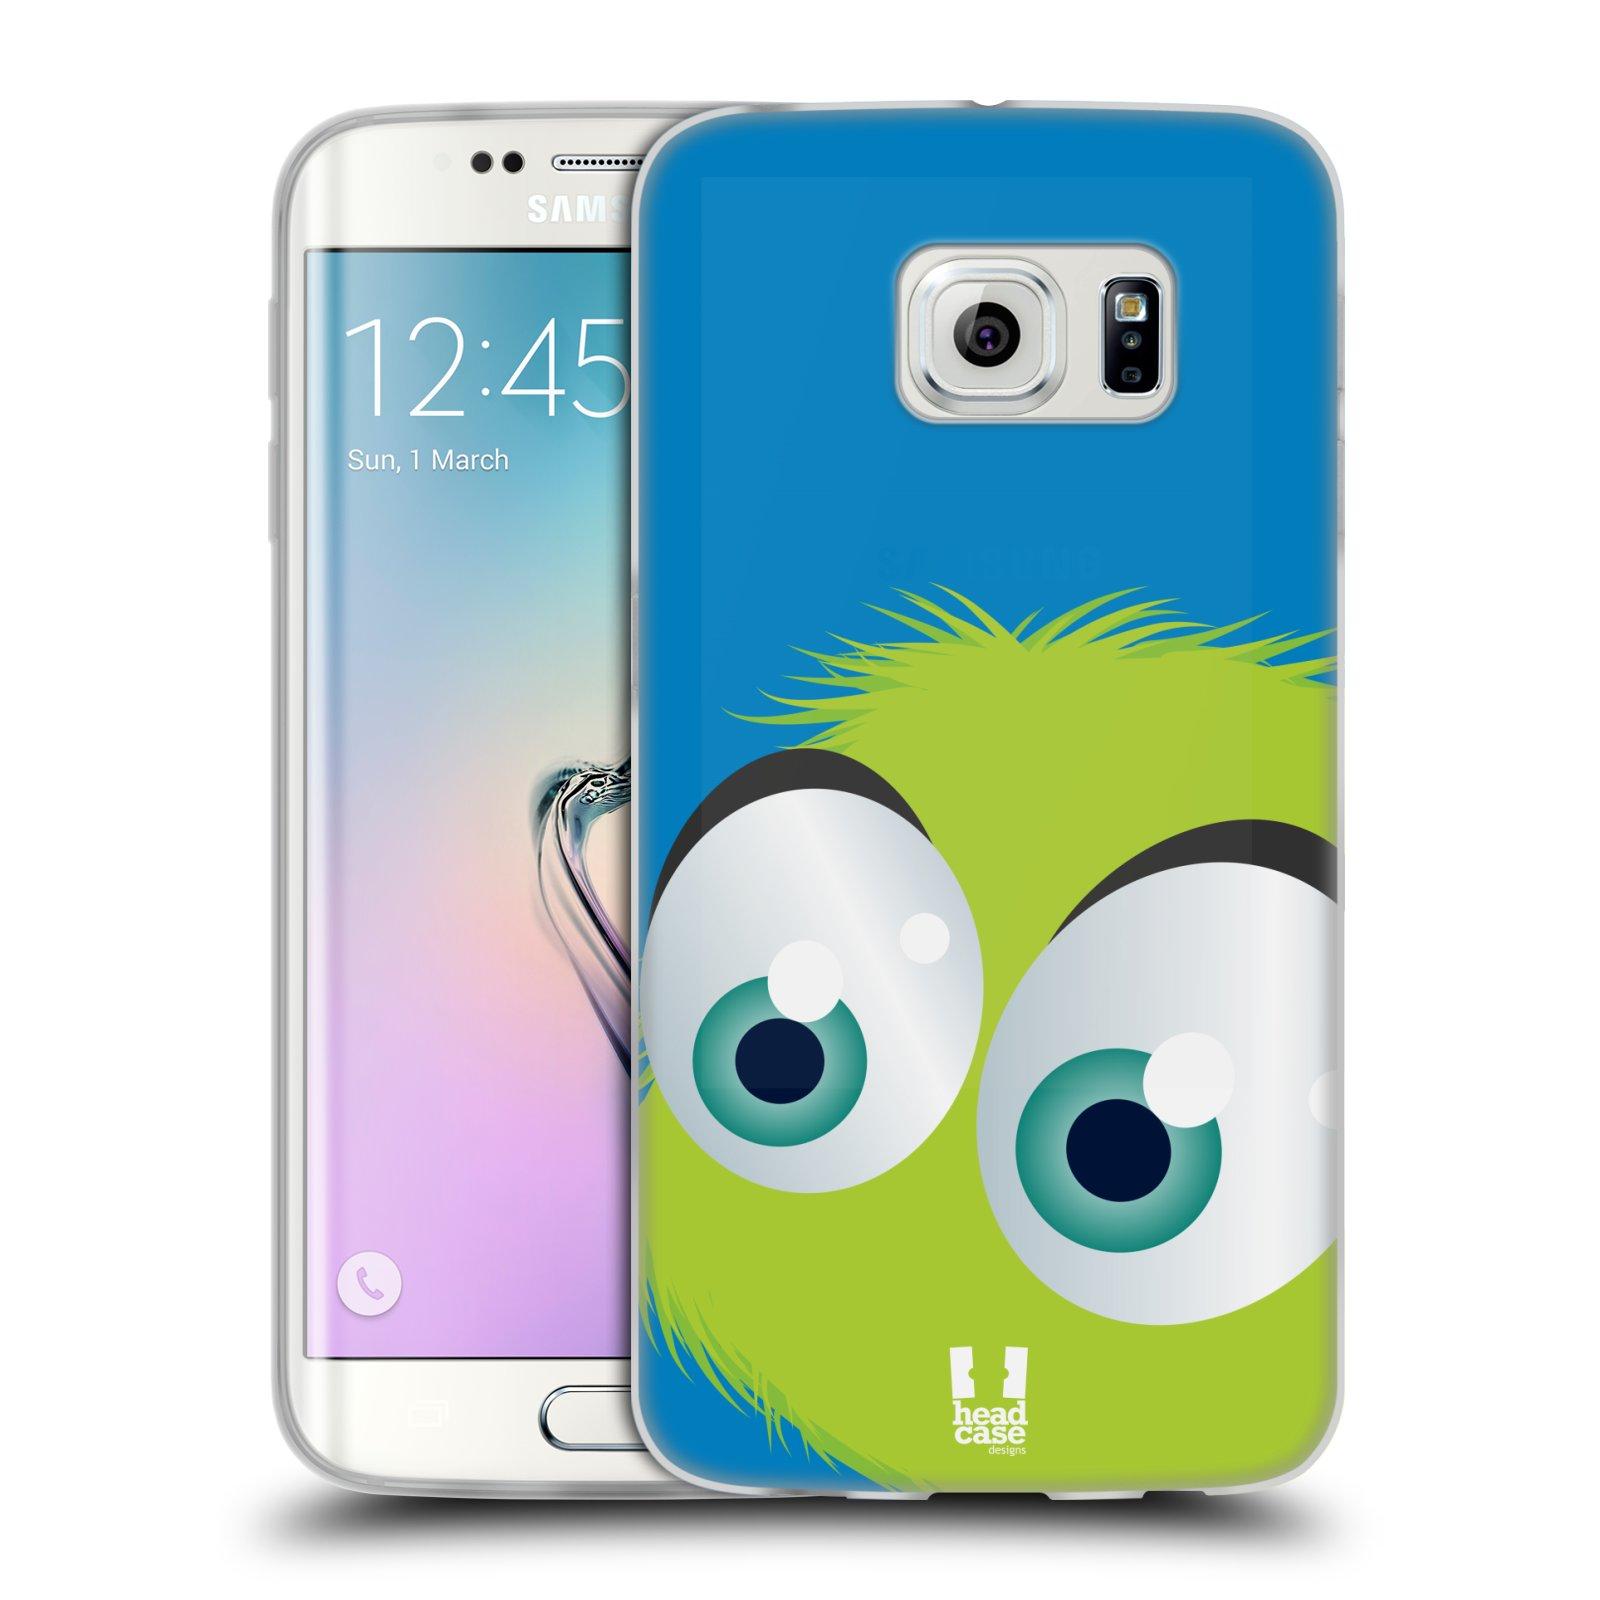 Silikonové pouzdro na mobil Samsung Galaxy S6 Edge HEAD CASE FUZÍK ZELENÝ (Silikonový kryt či obal na mobilní telefon Samsung Galaxy S6 Edge SM-G925F)